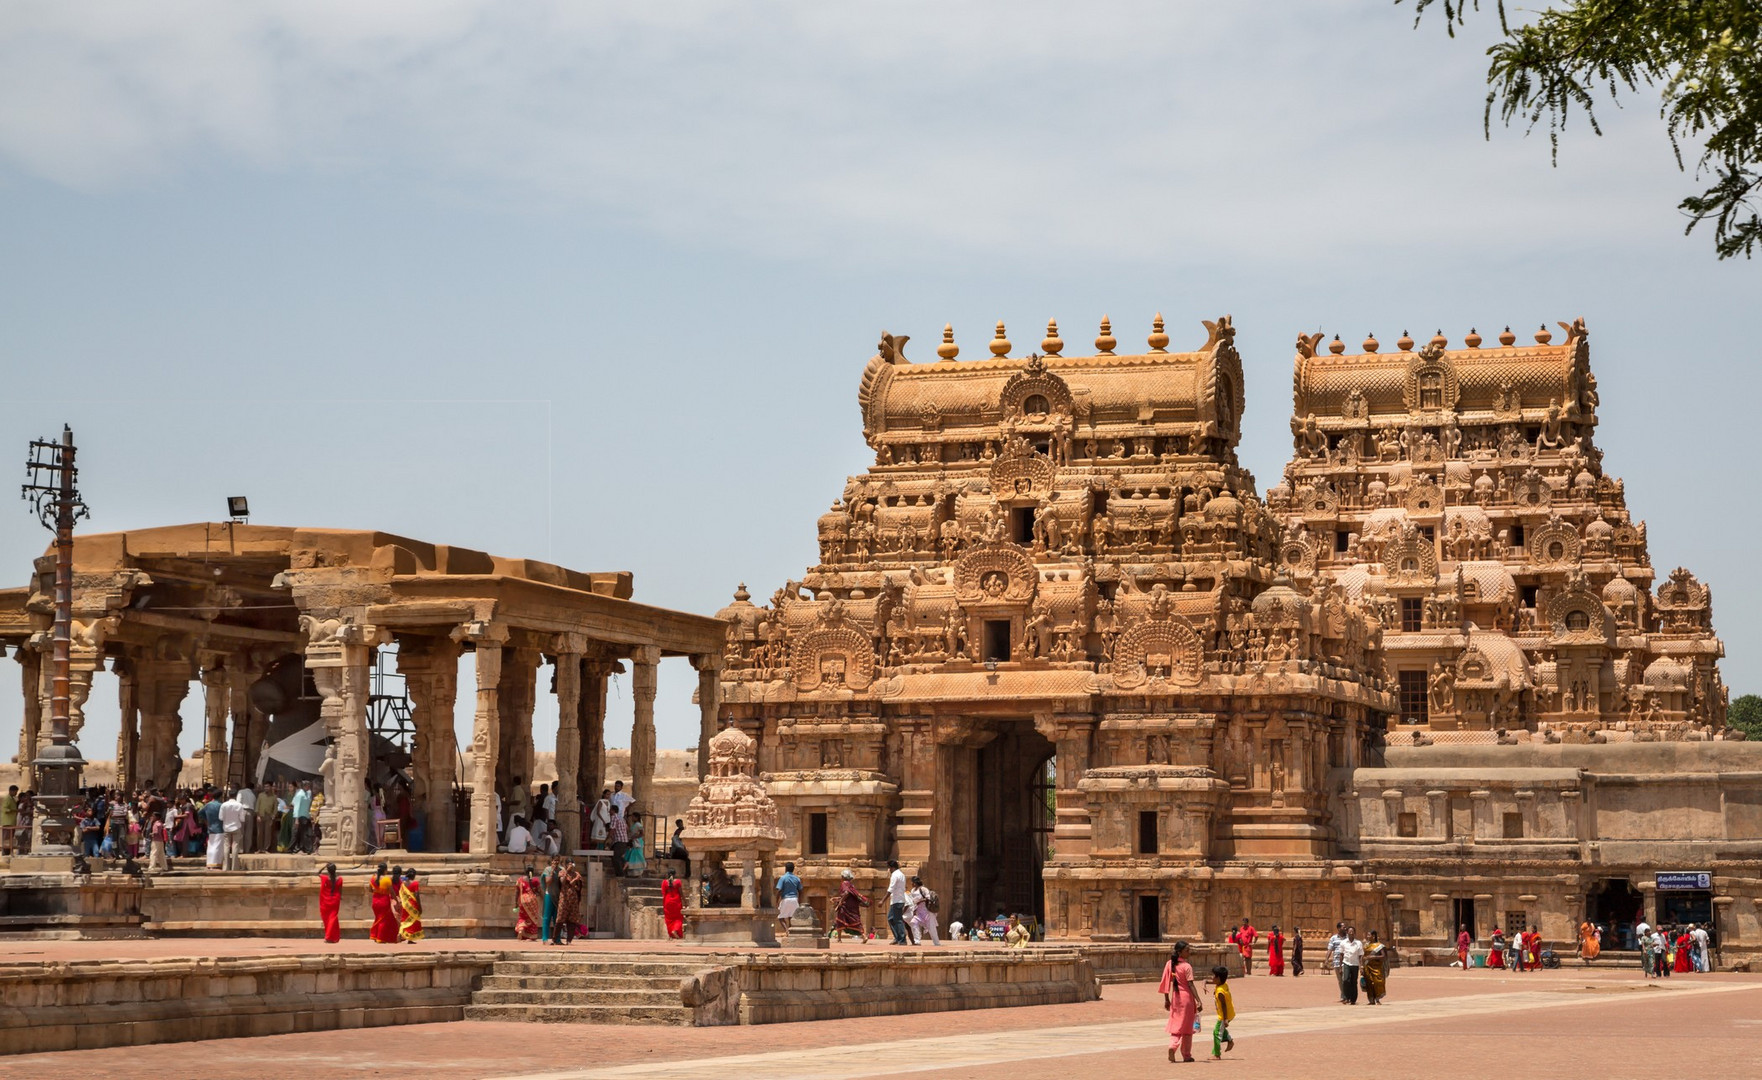 Lieu saint à l'intérieur de l'enceinte du temple Brihadesvara, Tanjore